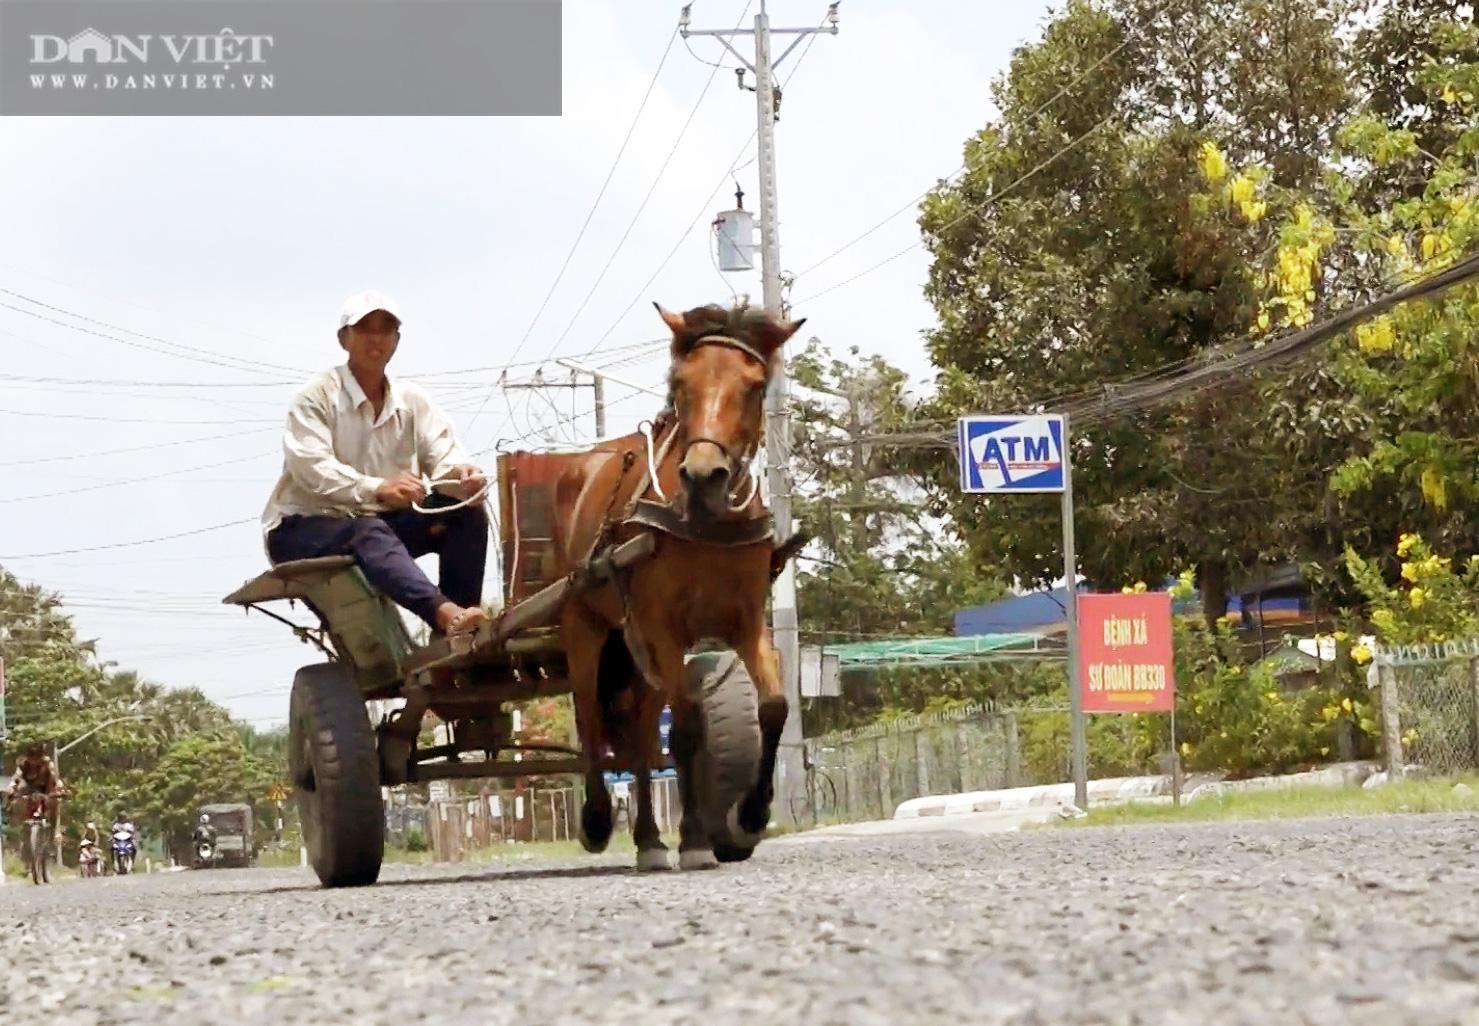 Những chiếc xe ngựa cuối cùng của vùng Bảy Núi - Ảnh 1.